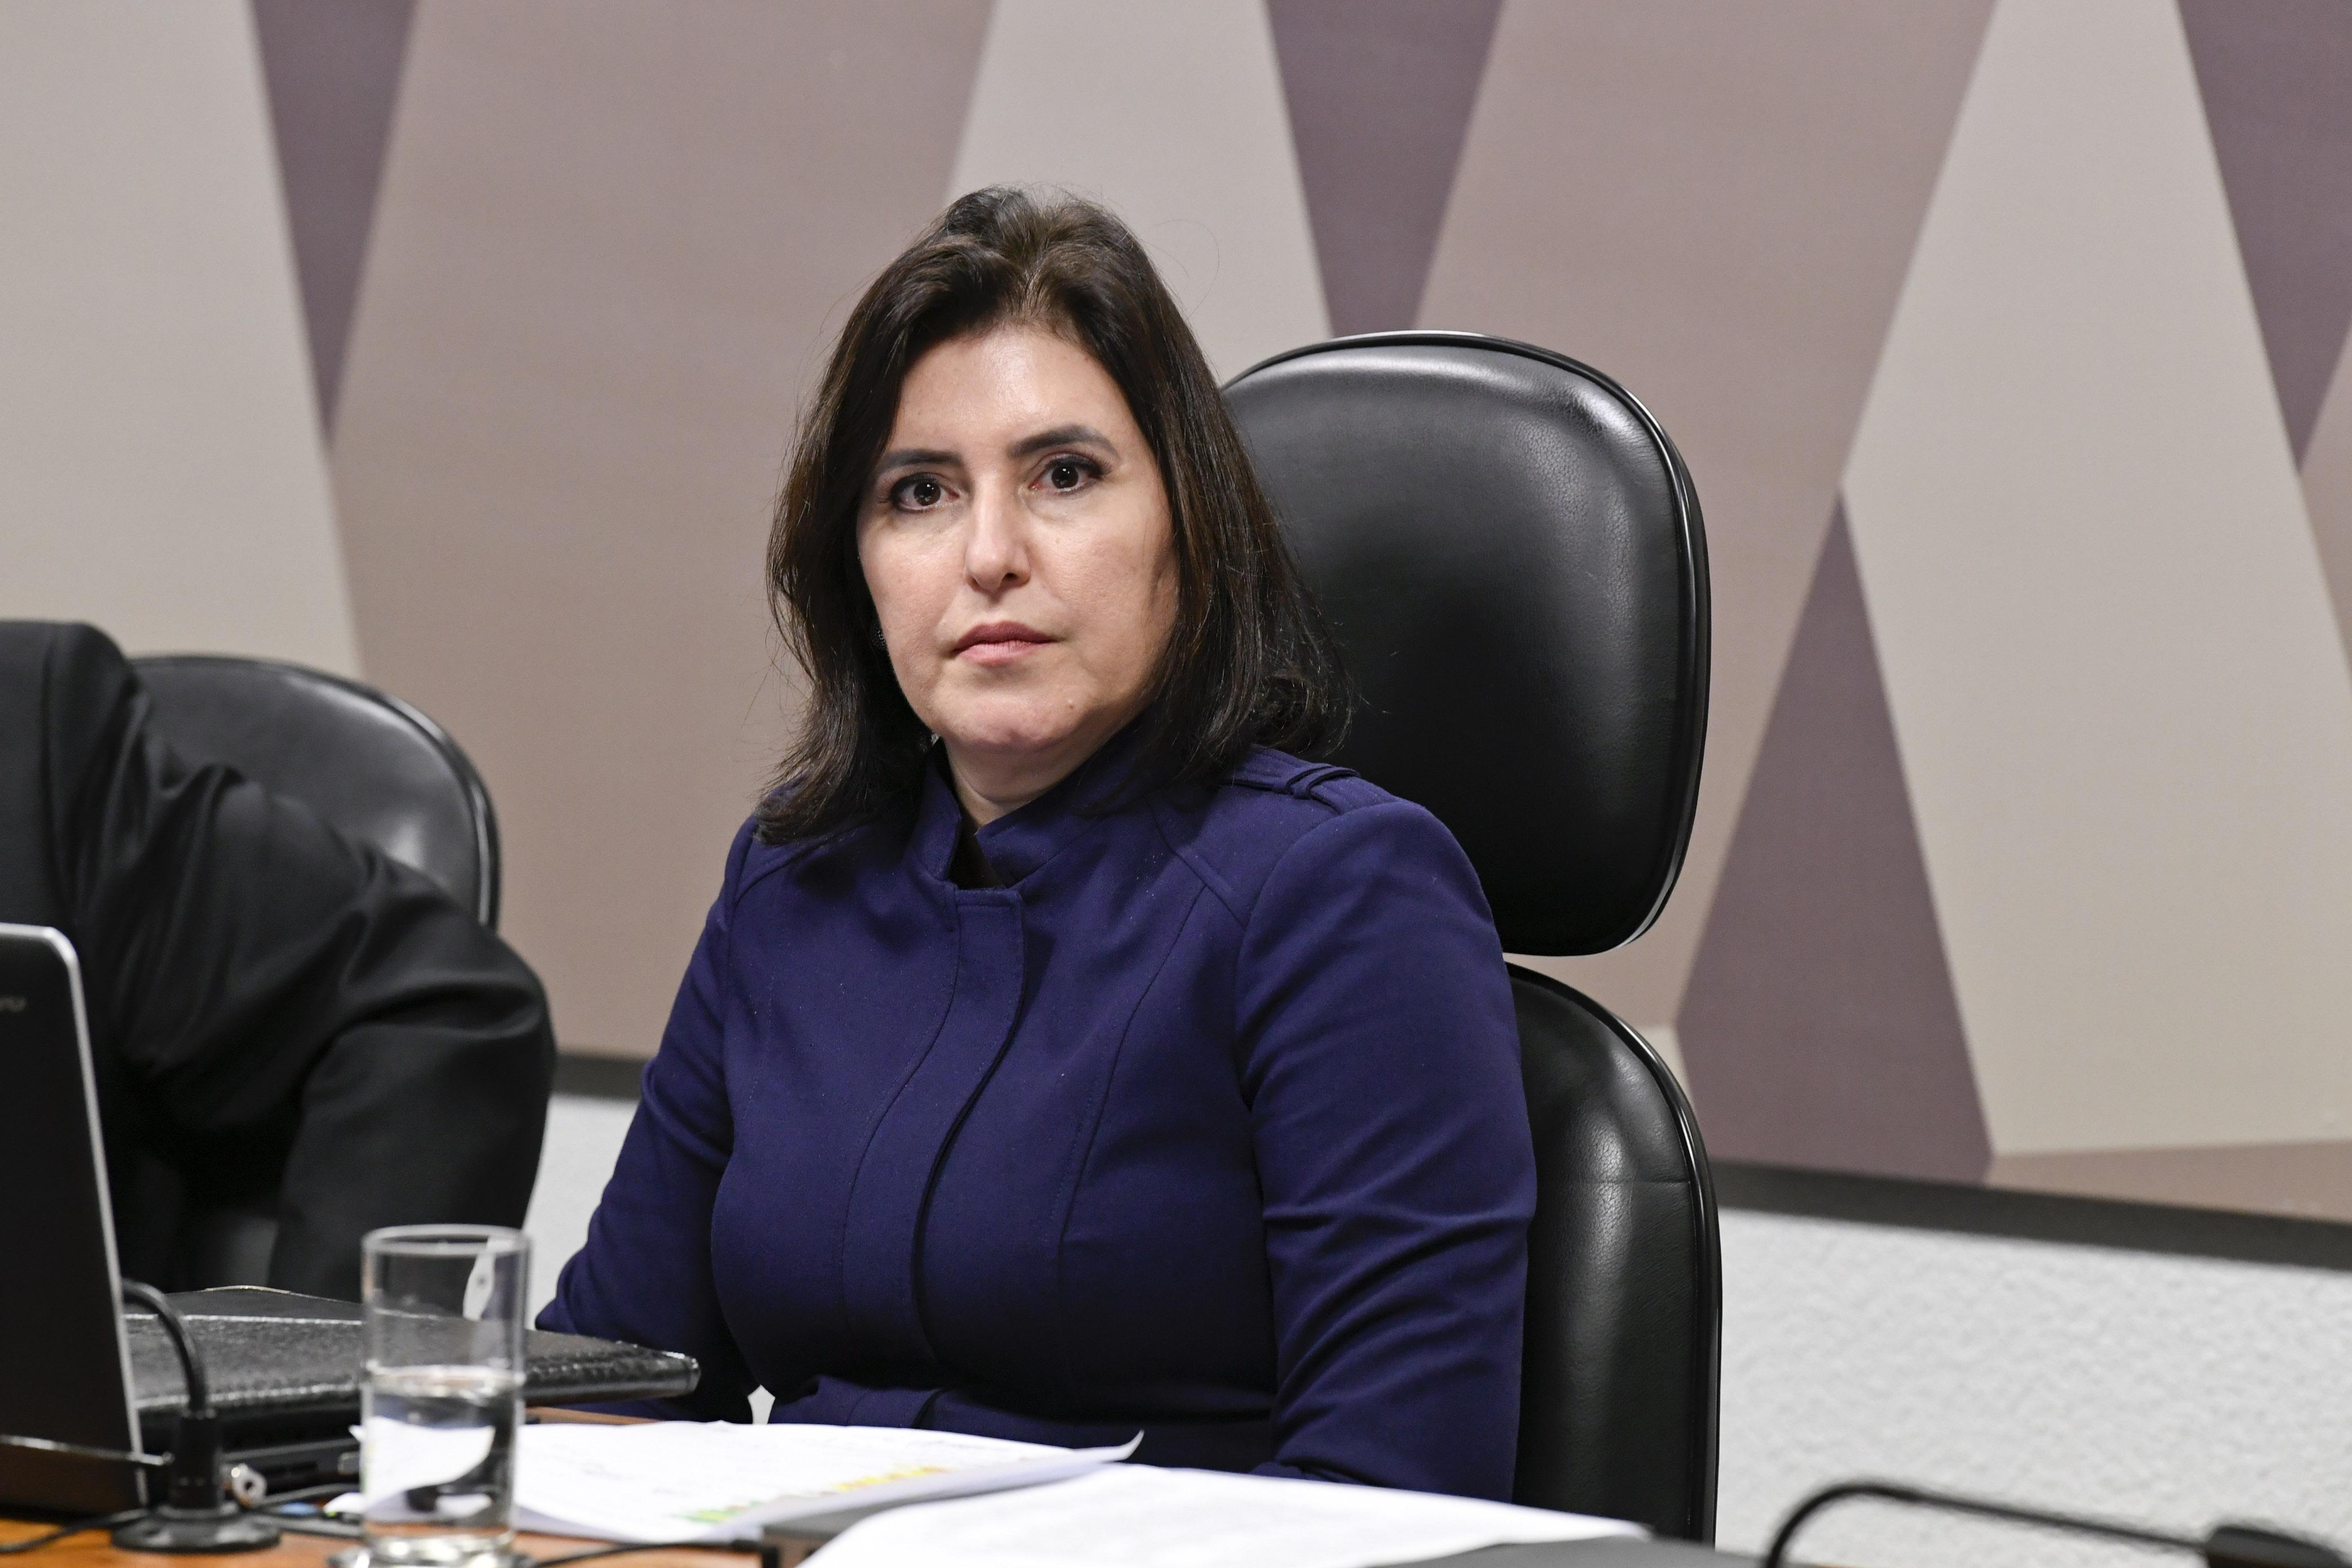 IMAGEM: Pacote de Guedes: Tebet sinaliza que não será tão rápido como o governo espera